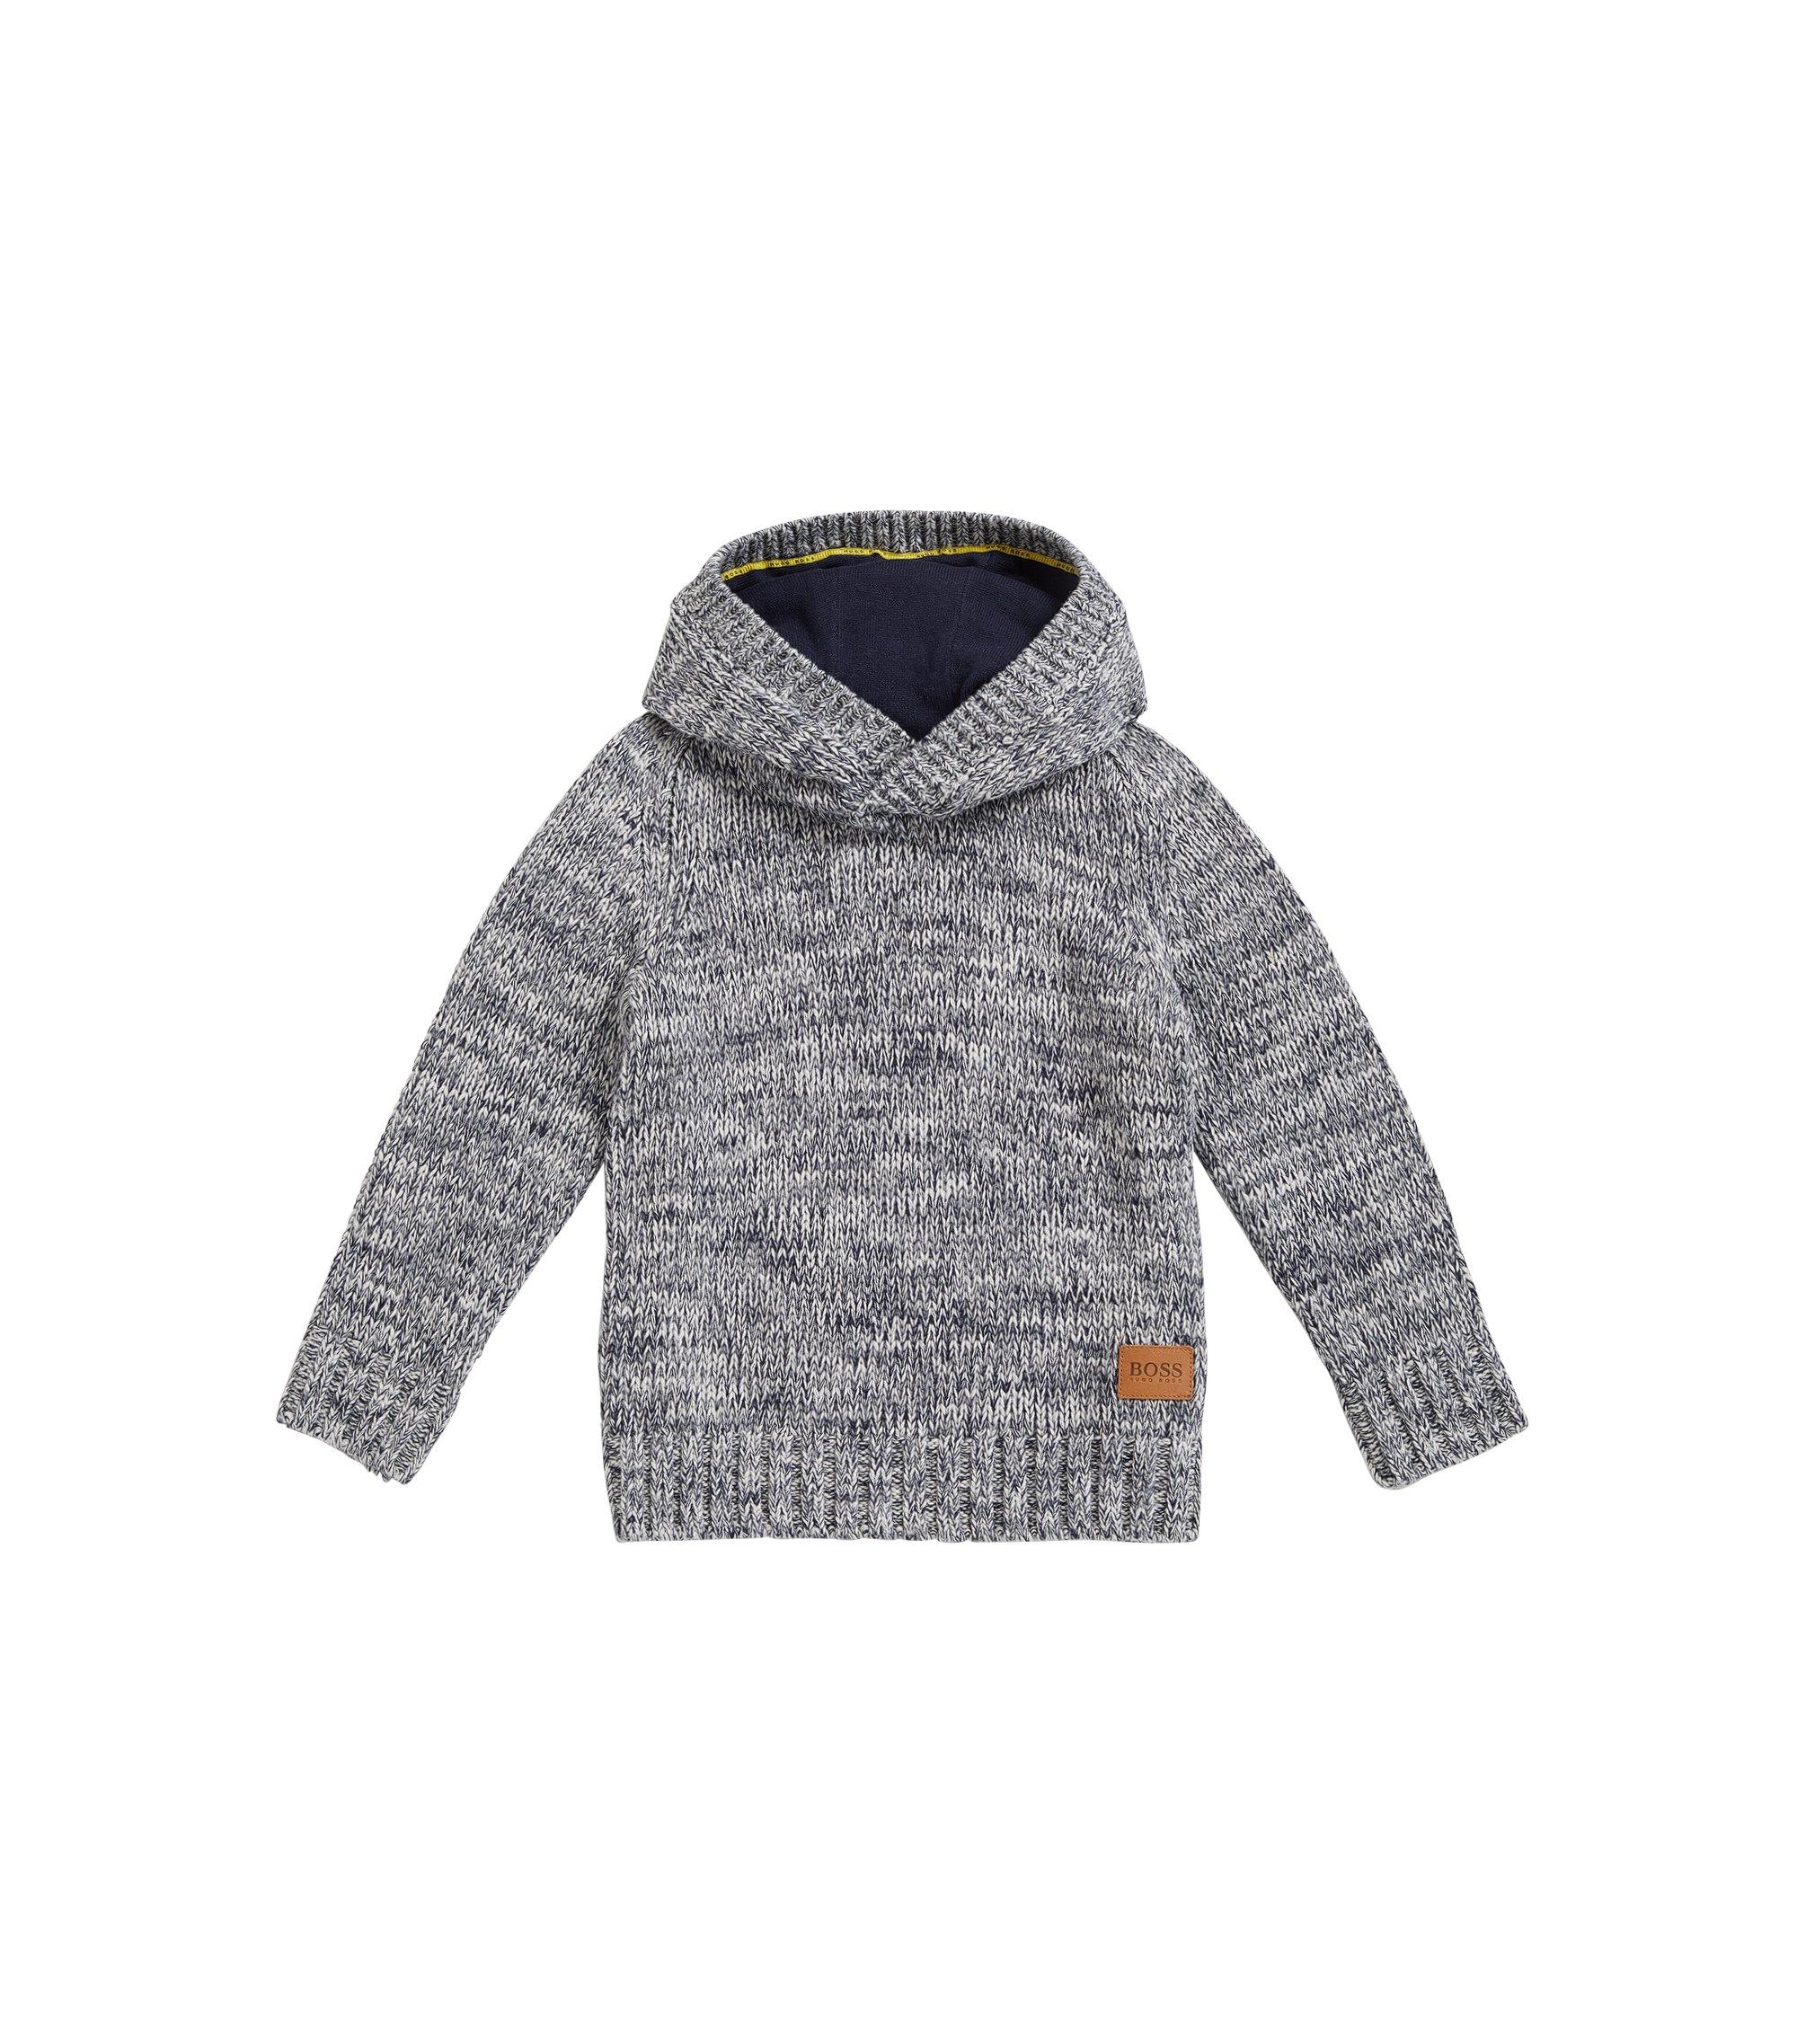 Maglione con cappuccio da bambino in cotone pettinato, A disegni